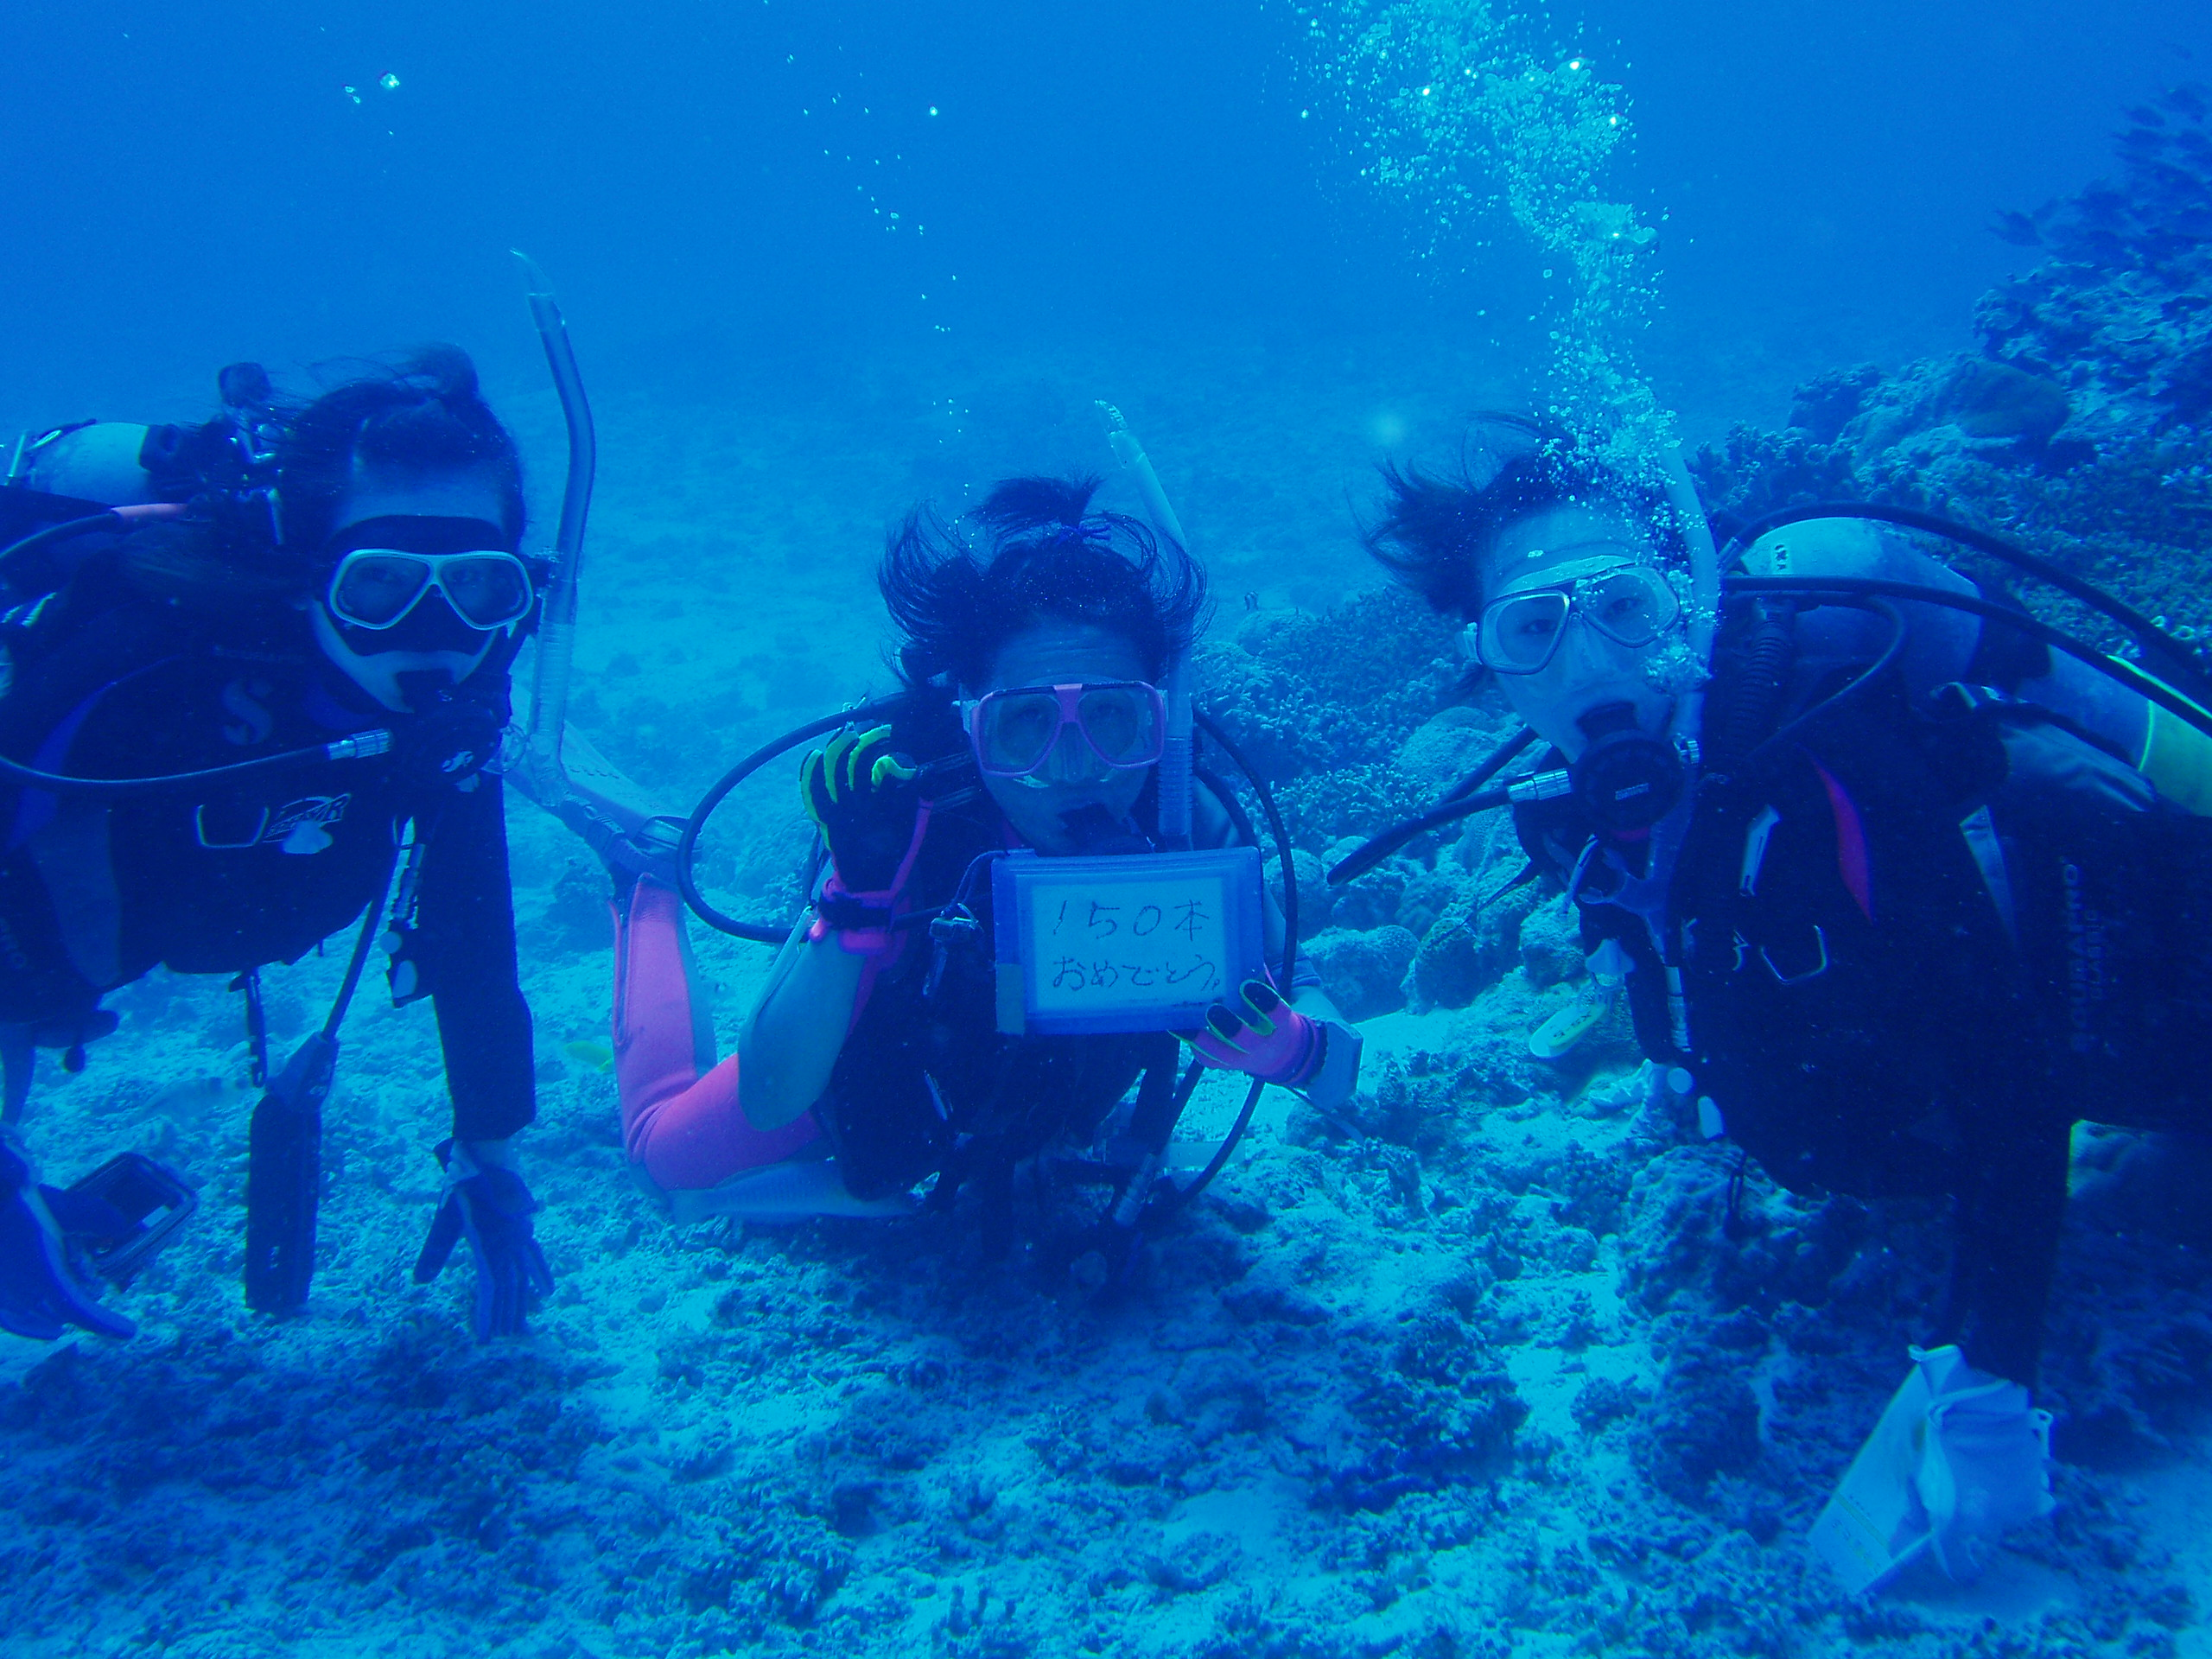 10月2日 ポイント1 奥武島 ポイント2 コアシス ポイント3 ブツブツサンゴ 水温28℃ 透明度30m